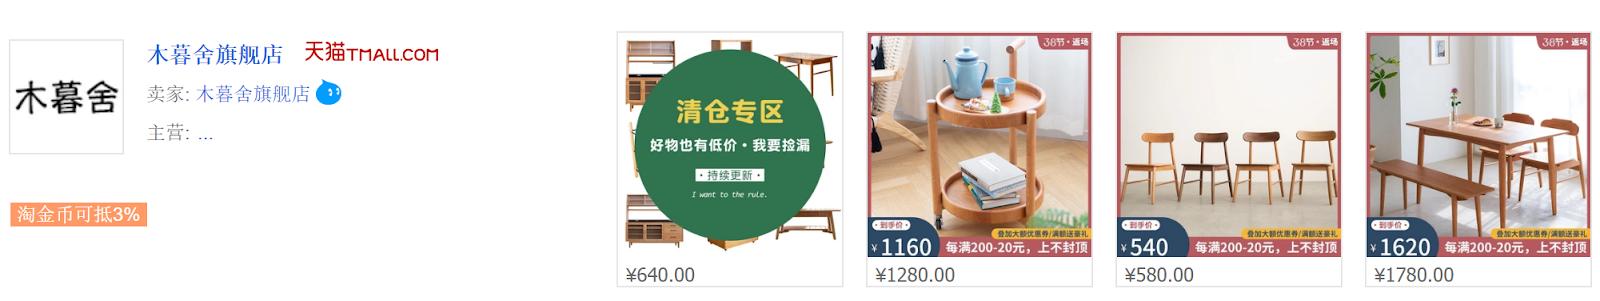 淘宝木制家具_okjer.com